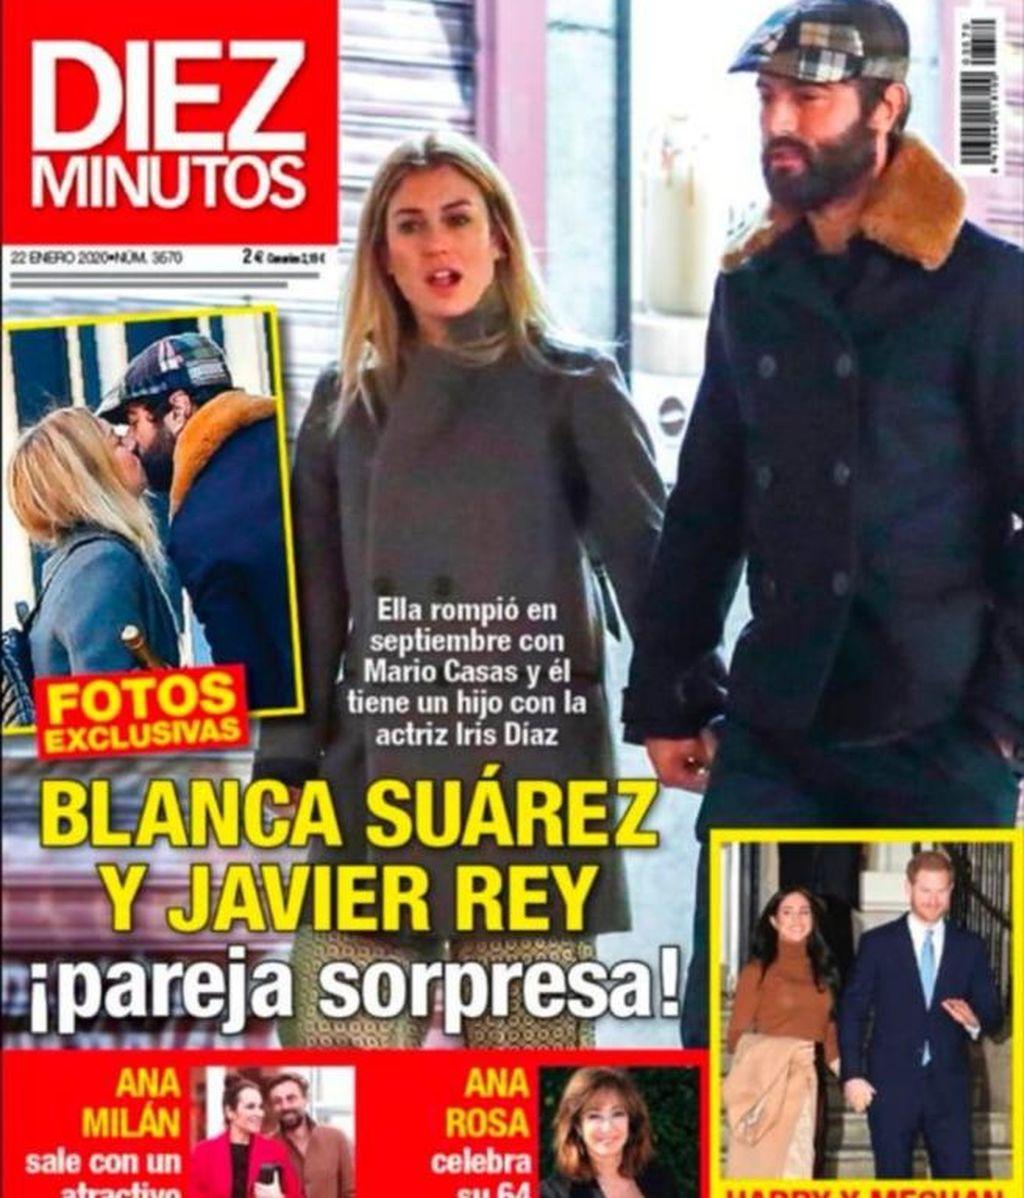 La portada que hizo oficial la relación de Blanca con Javier Rey